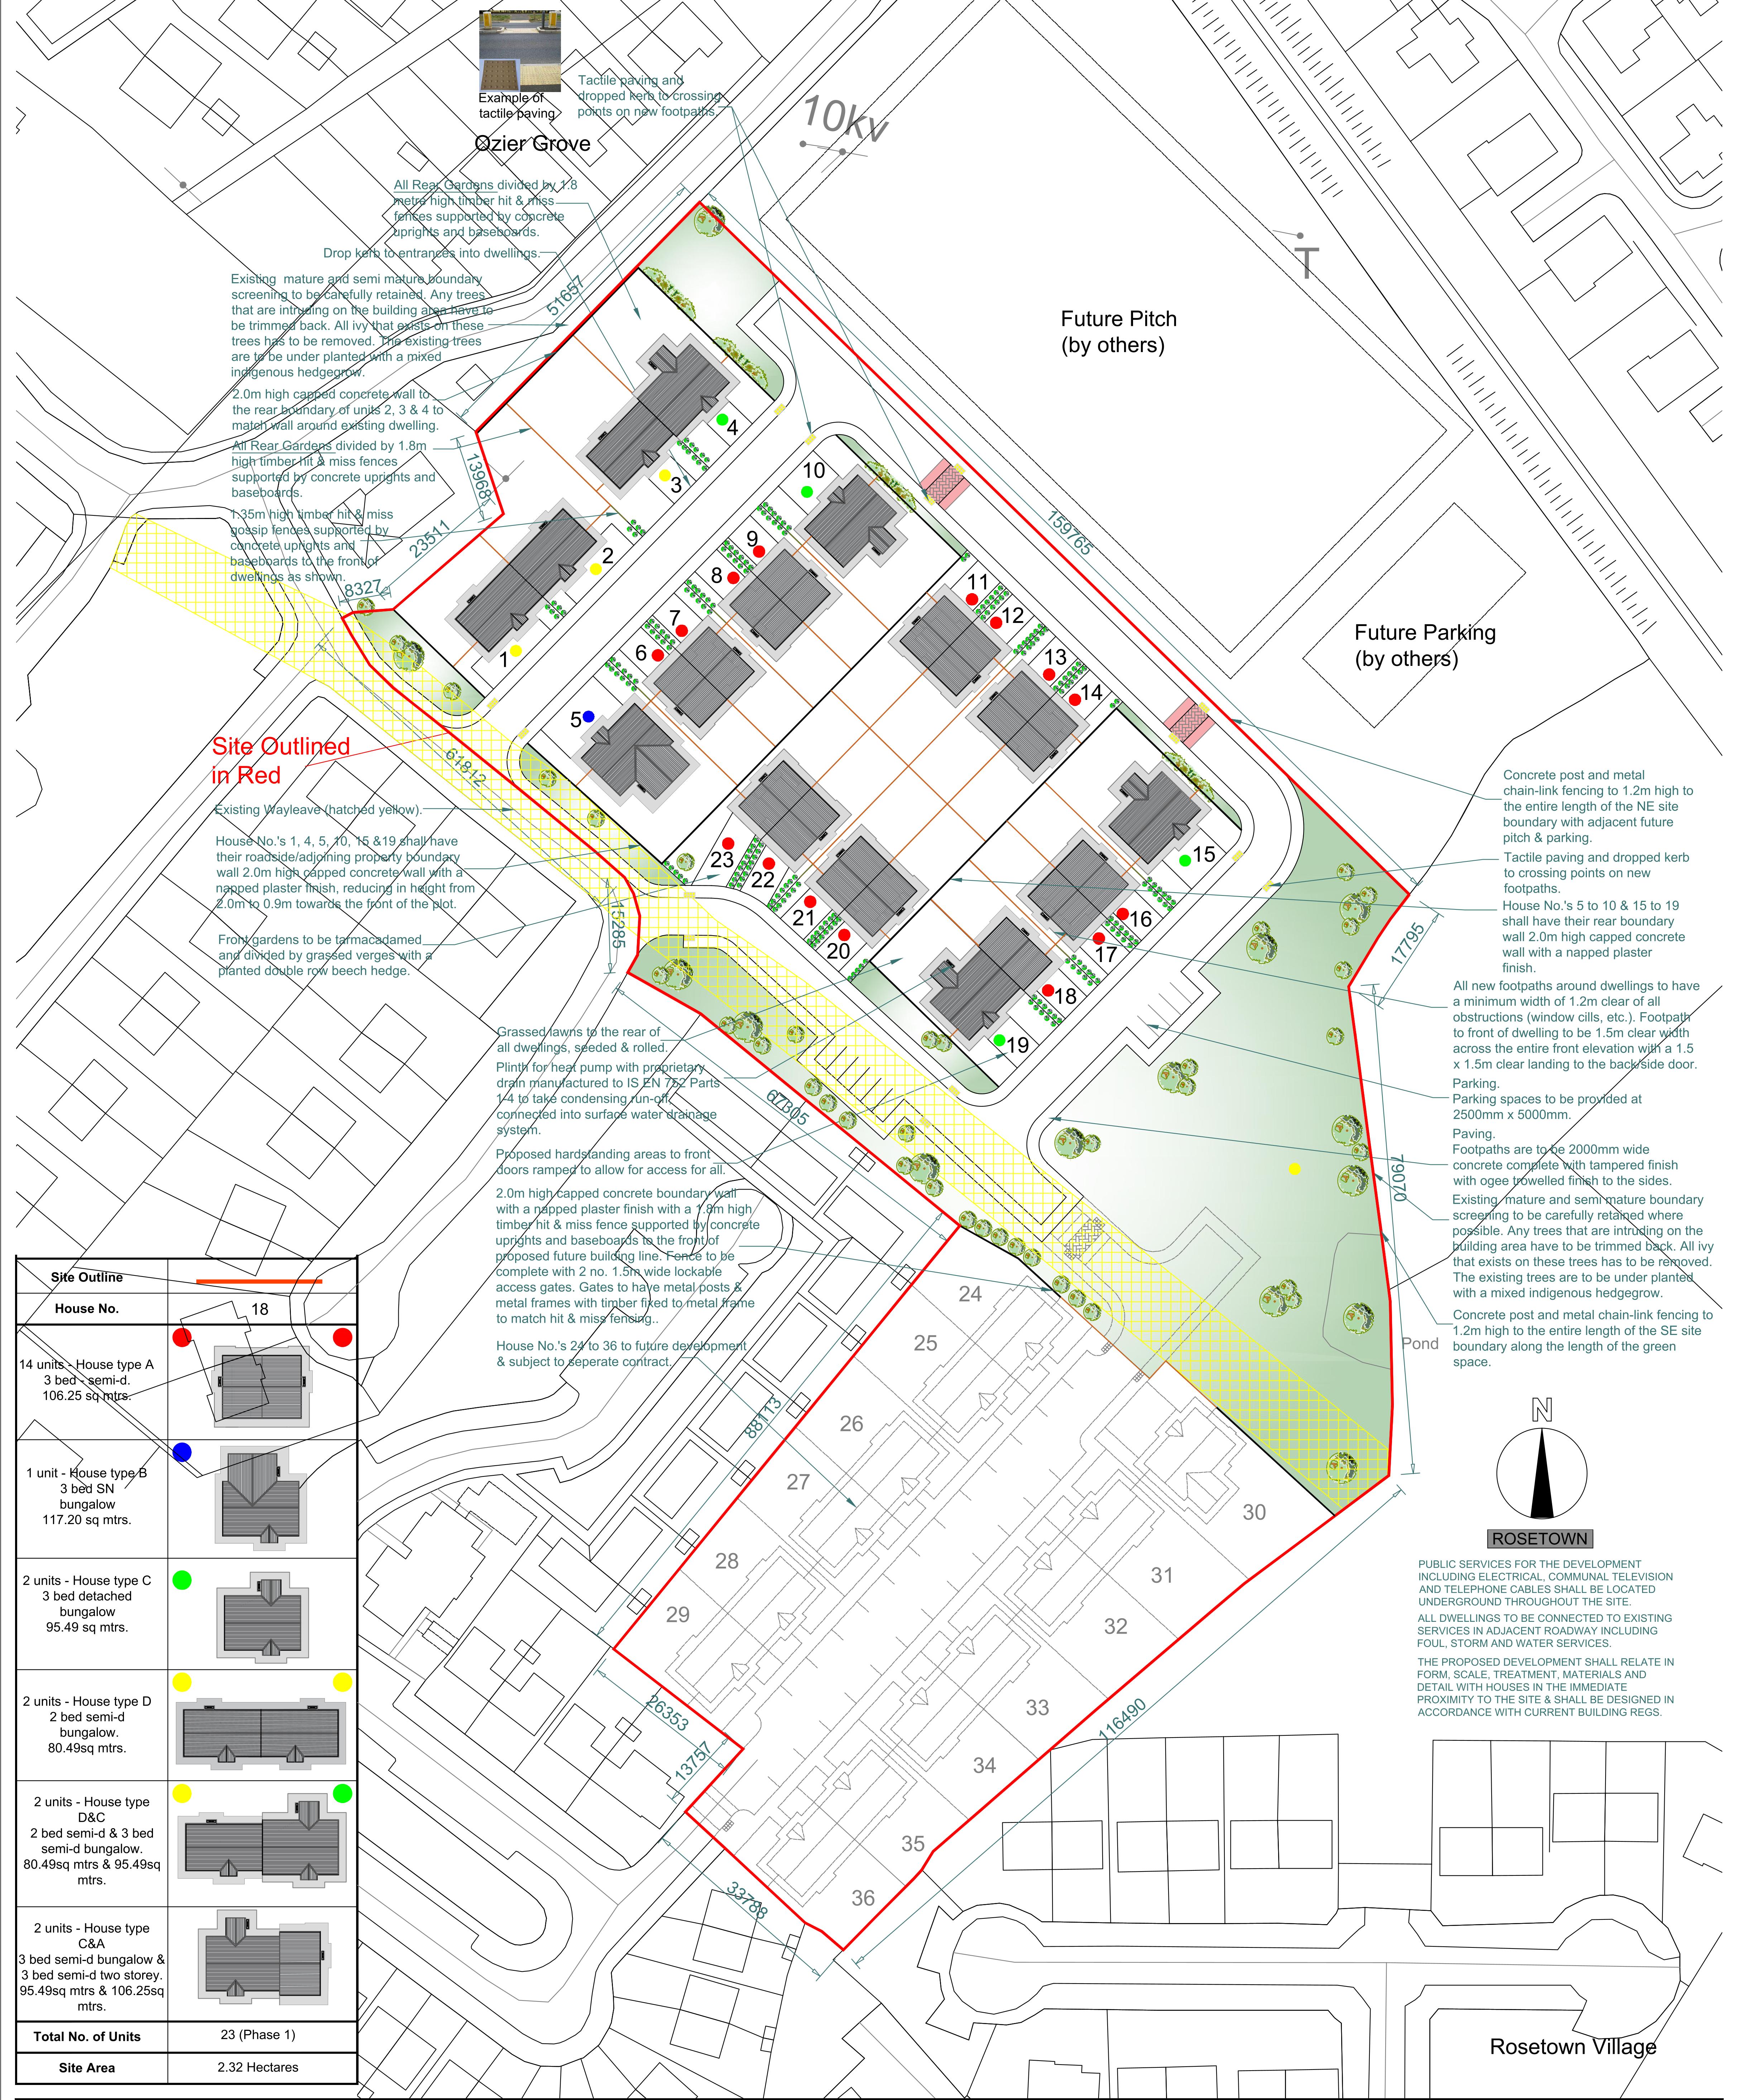 1913 PT 03 Rosetown Site Layout Plan A1-1